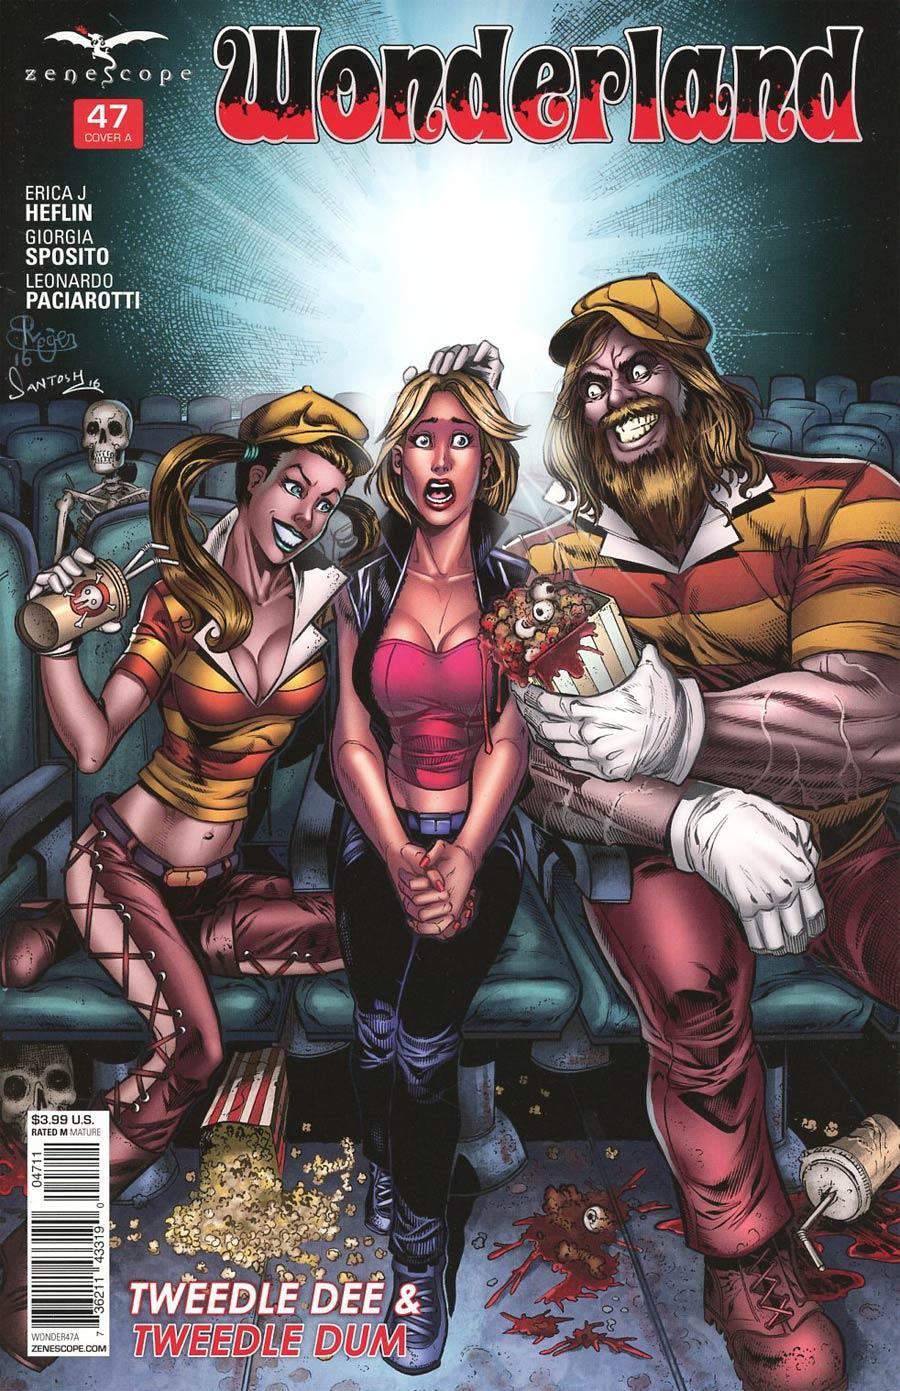 Grimm Fairy Tales Presents Wonderland Vol 2 #47 Cover A Roger Bonet